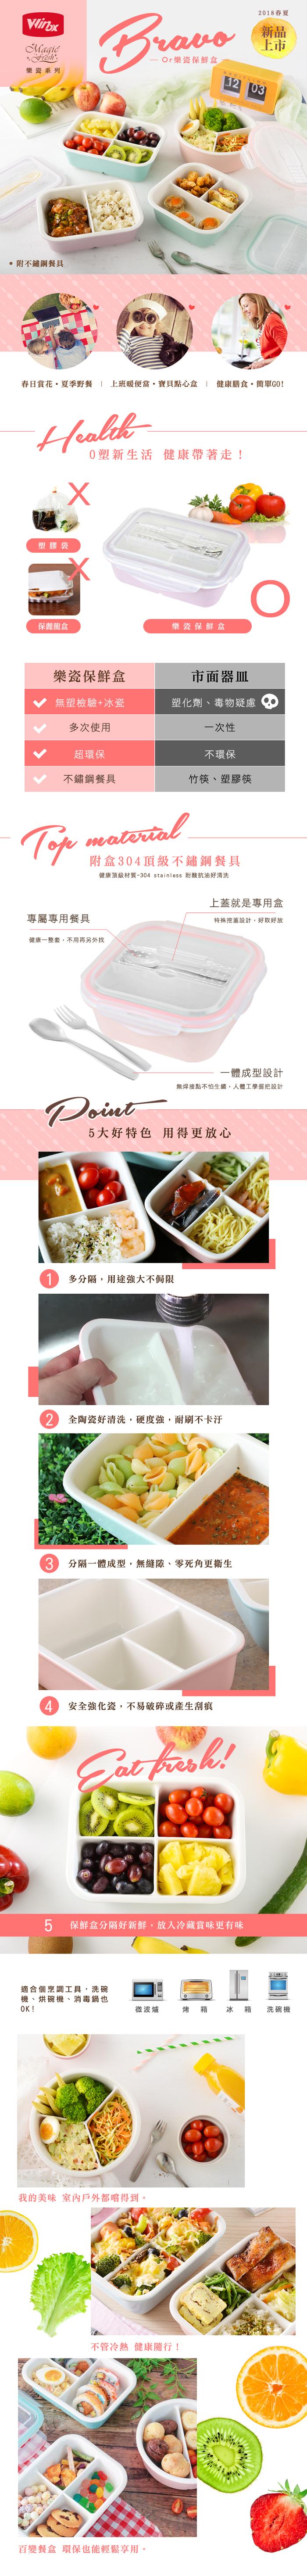 美國 Winox|樂瓷系列陶瓷保鮮盒長形附餐具2格845ML(3色可選)